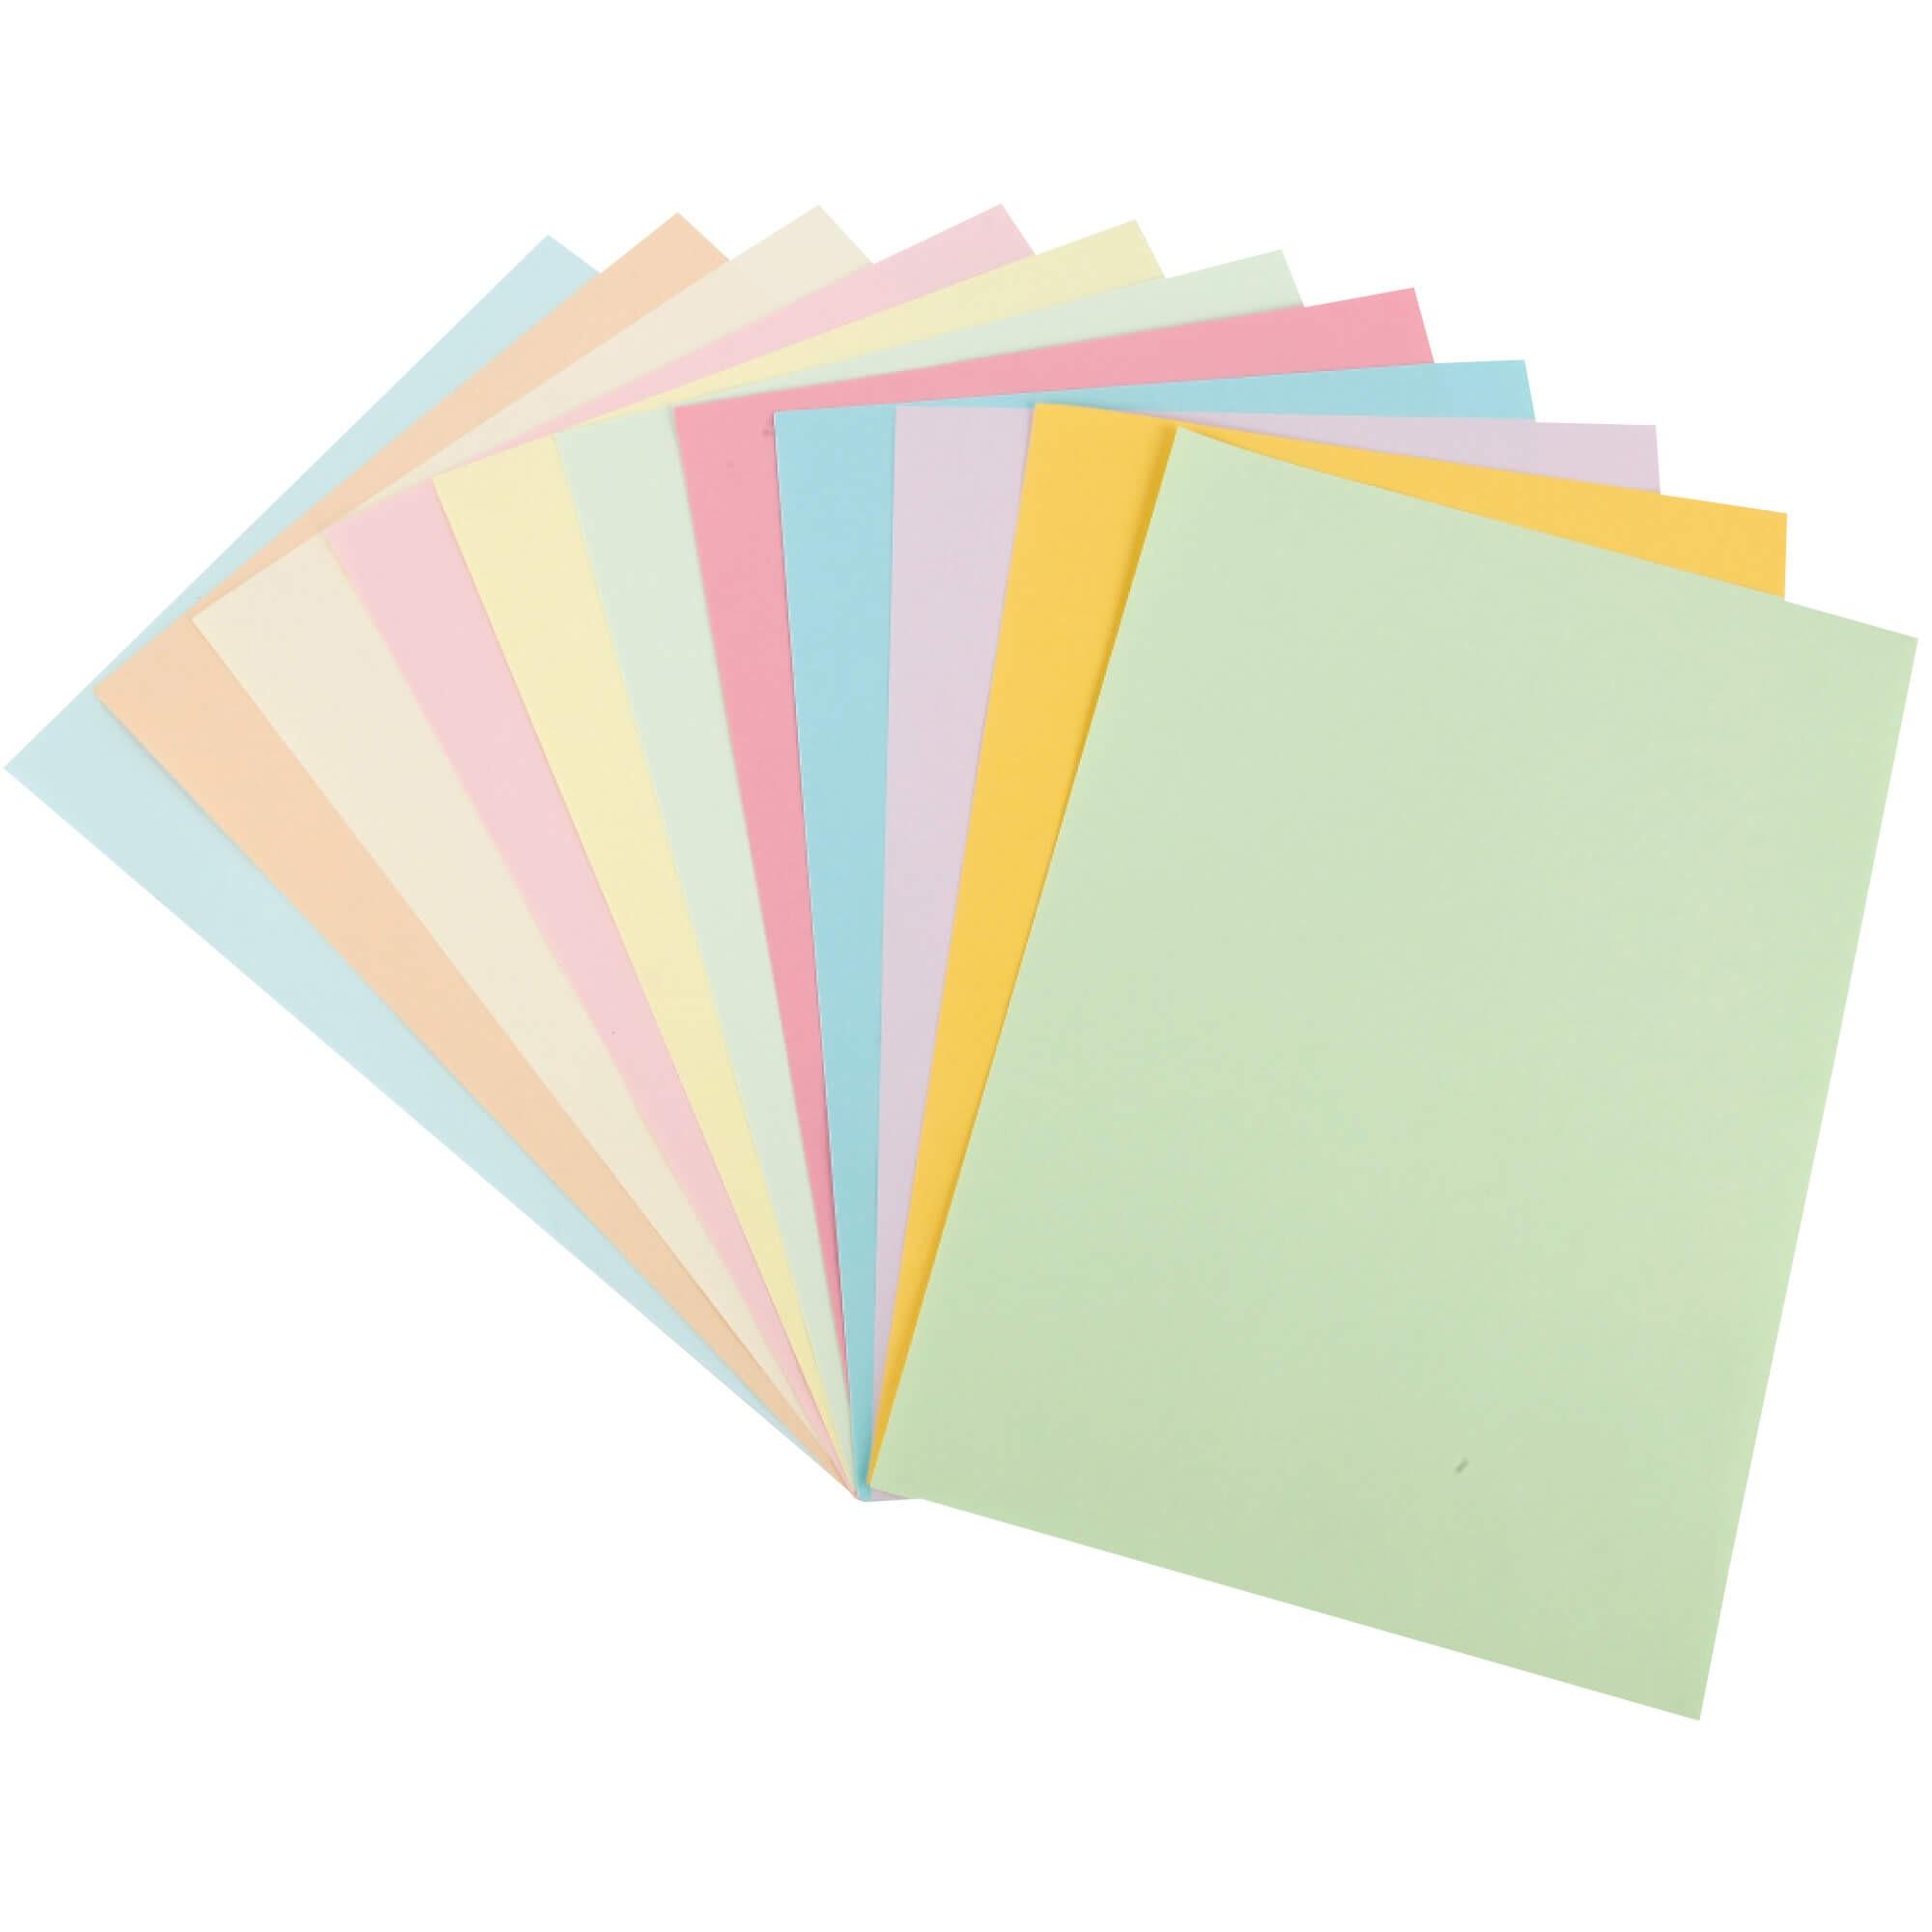 กระดาษการ์ดสี Venus สีฟ้า A4 / 120 แกรม